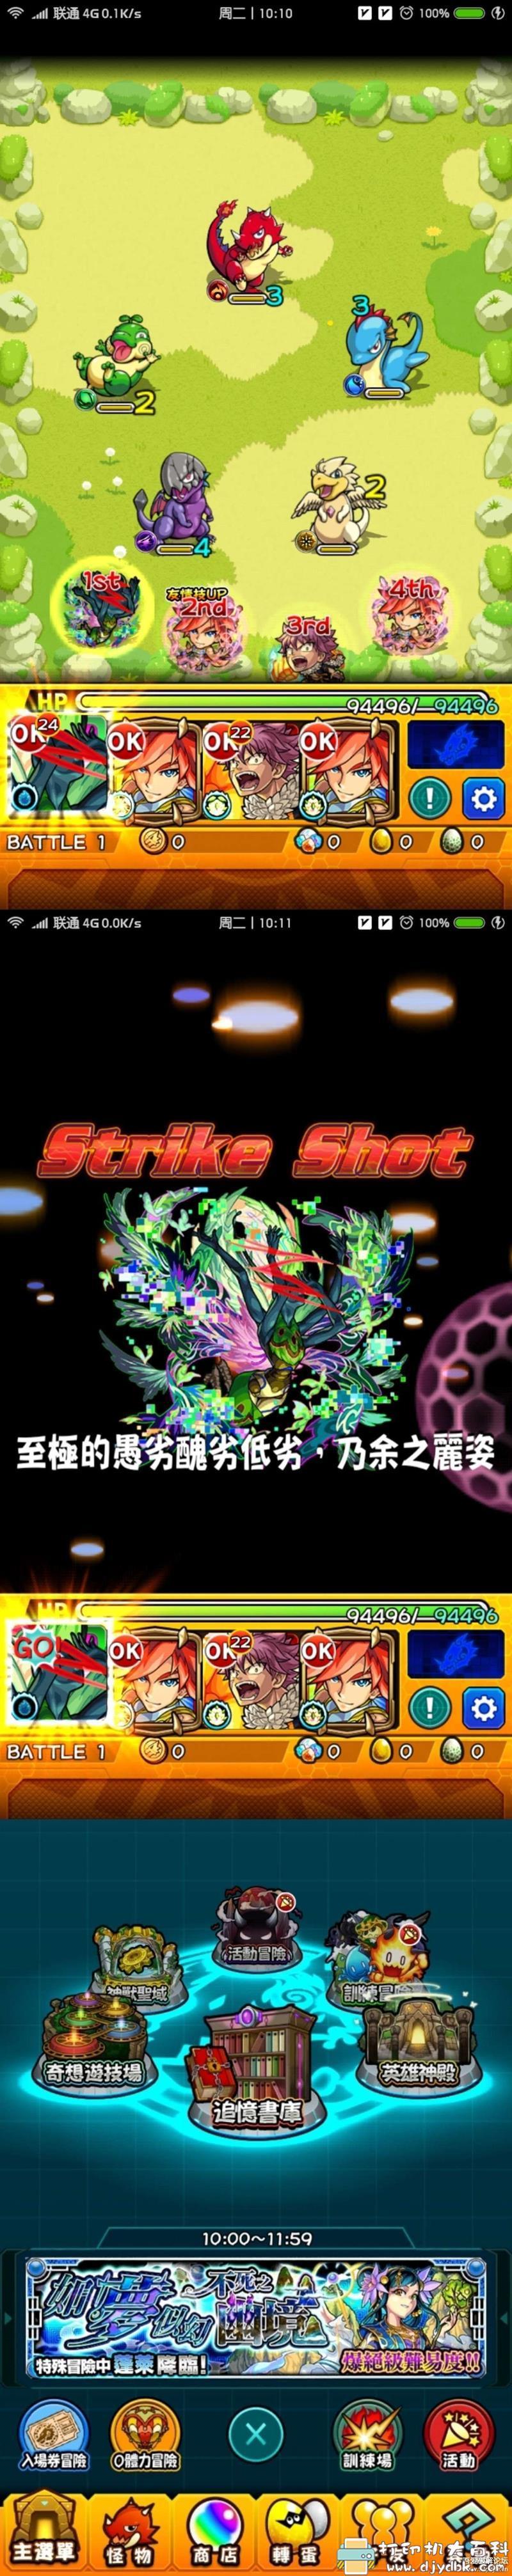 安卓游戏分享:怪物弹珠台服-RPGv17.0.1 [秒杀伤害-无限SS-总是玩家回合]图片